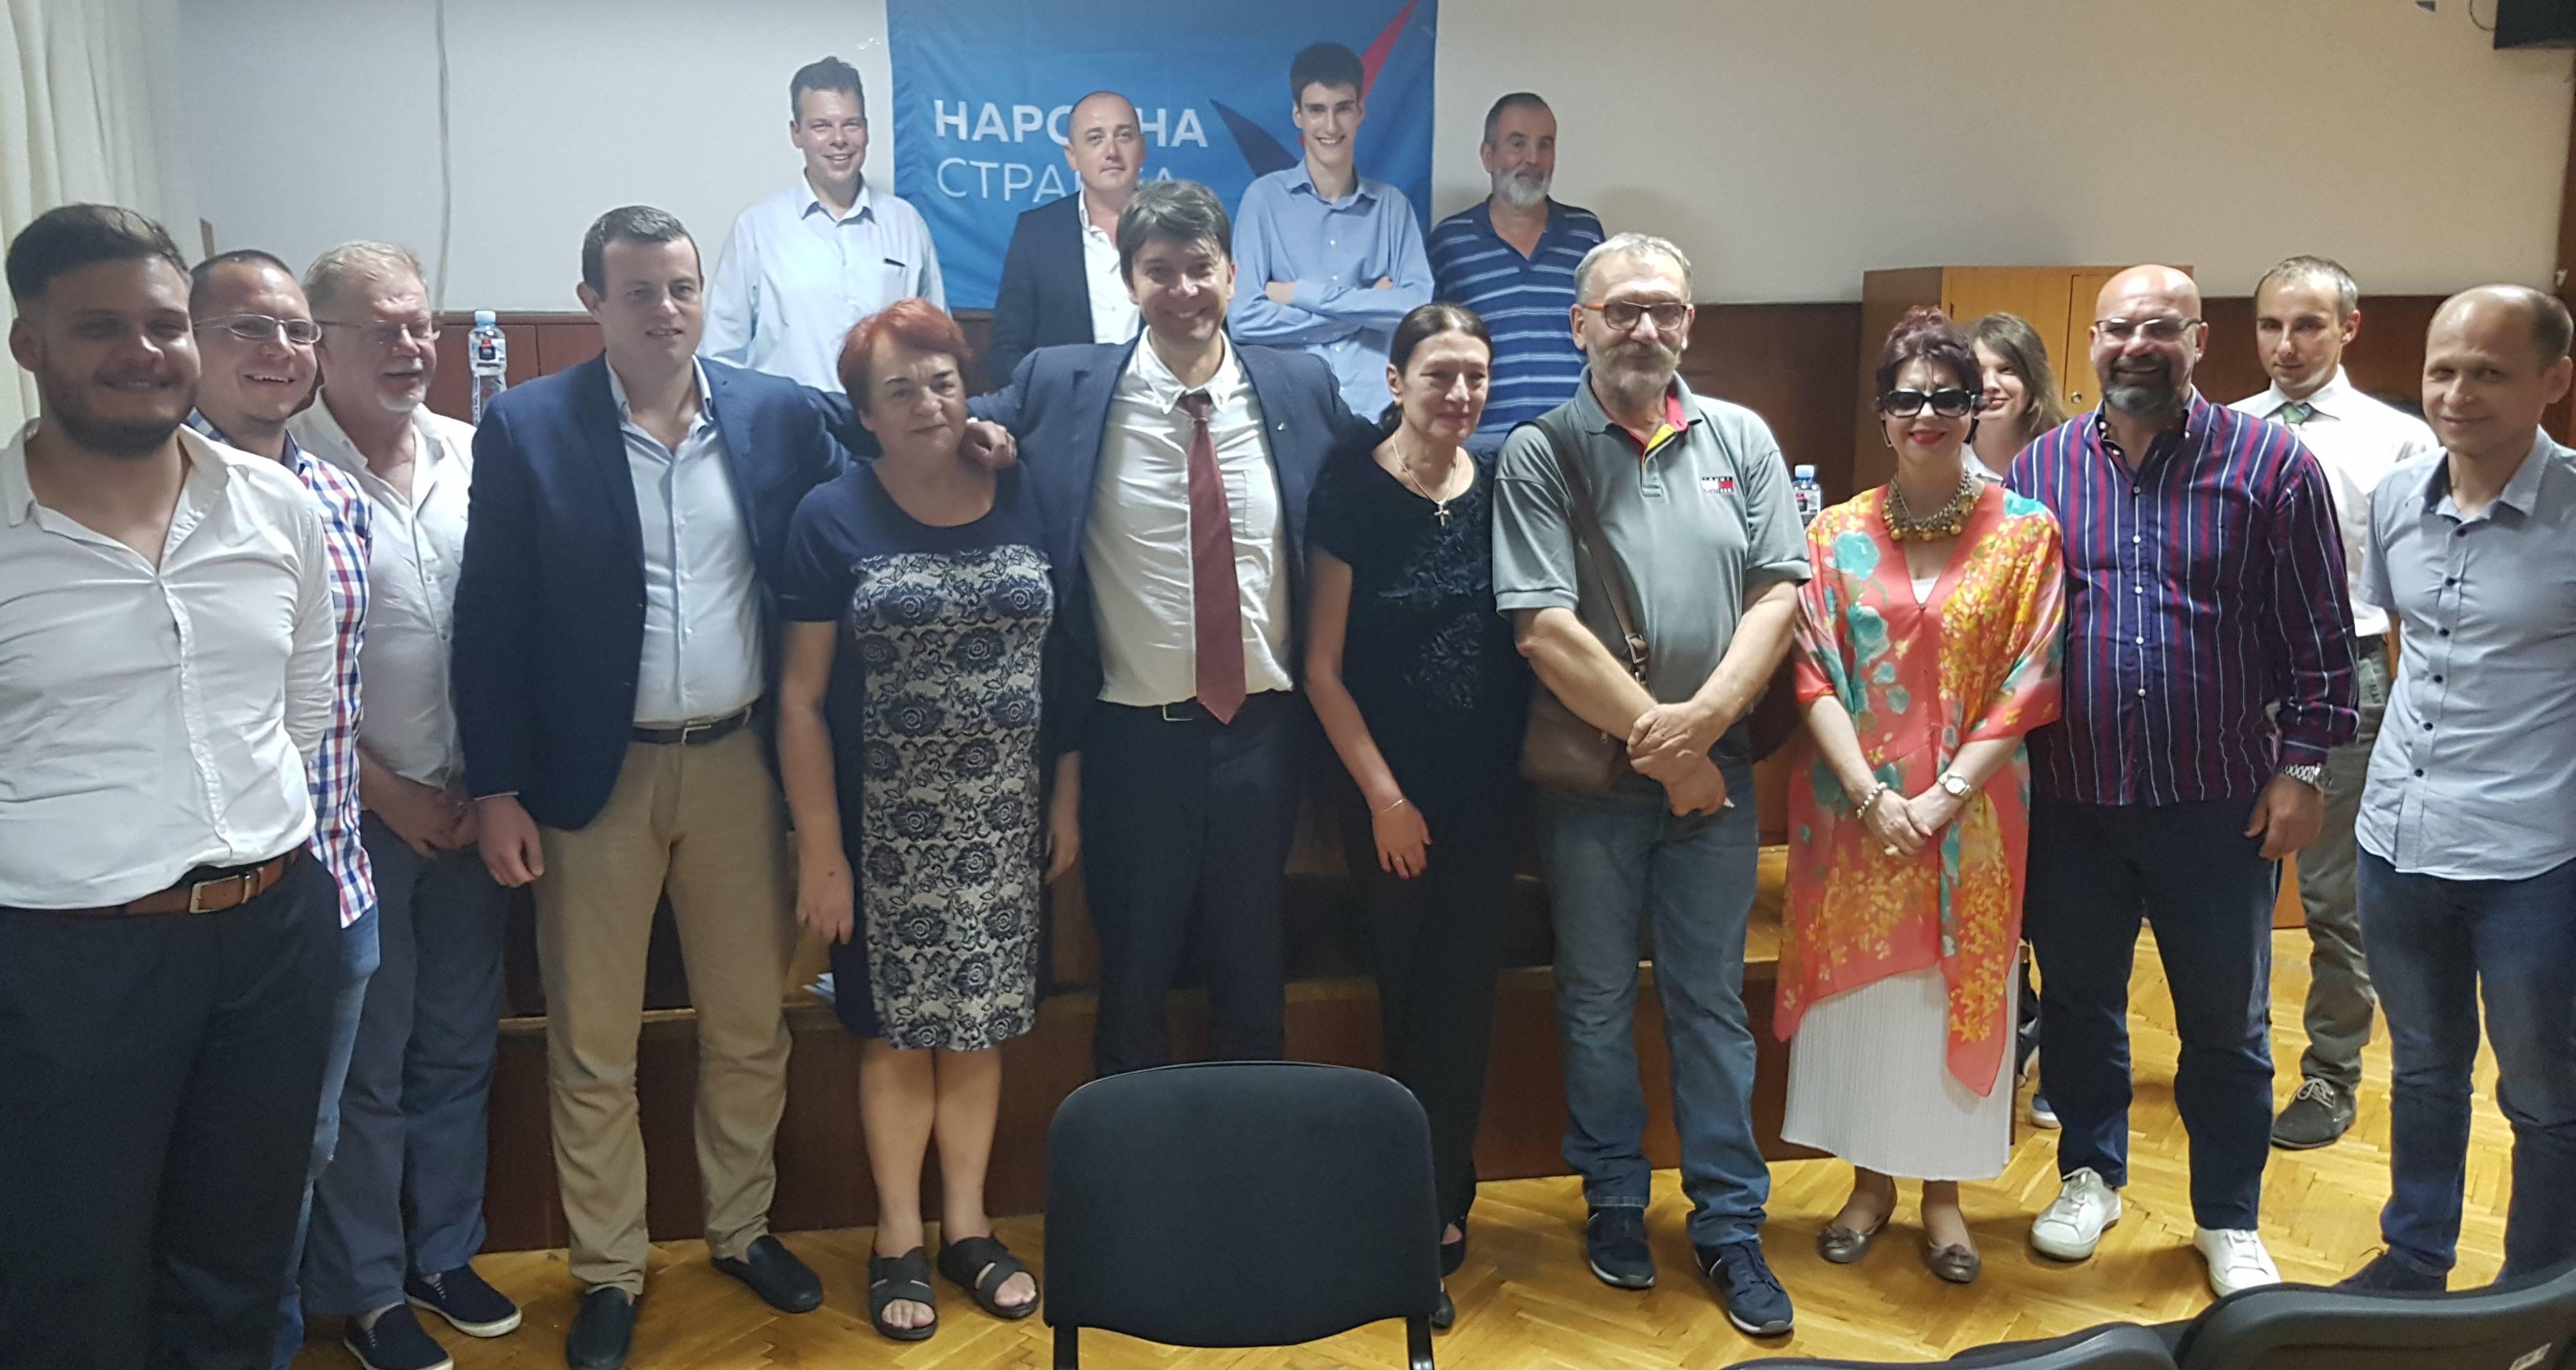 Стари град: Основан Општински одбор Народне странке, први у Београду